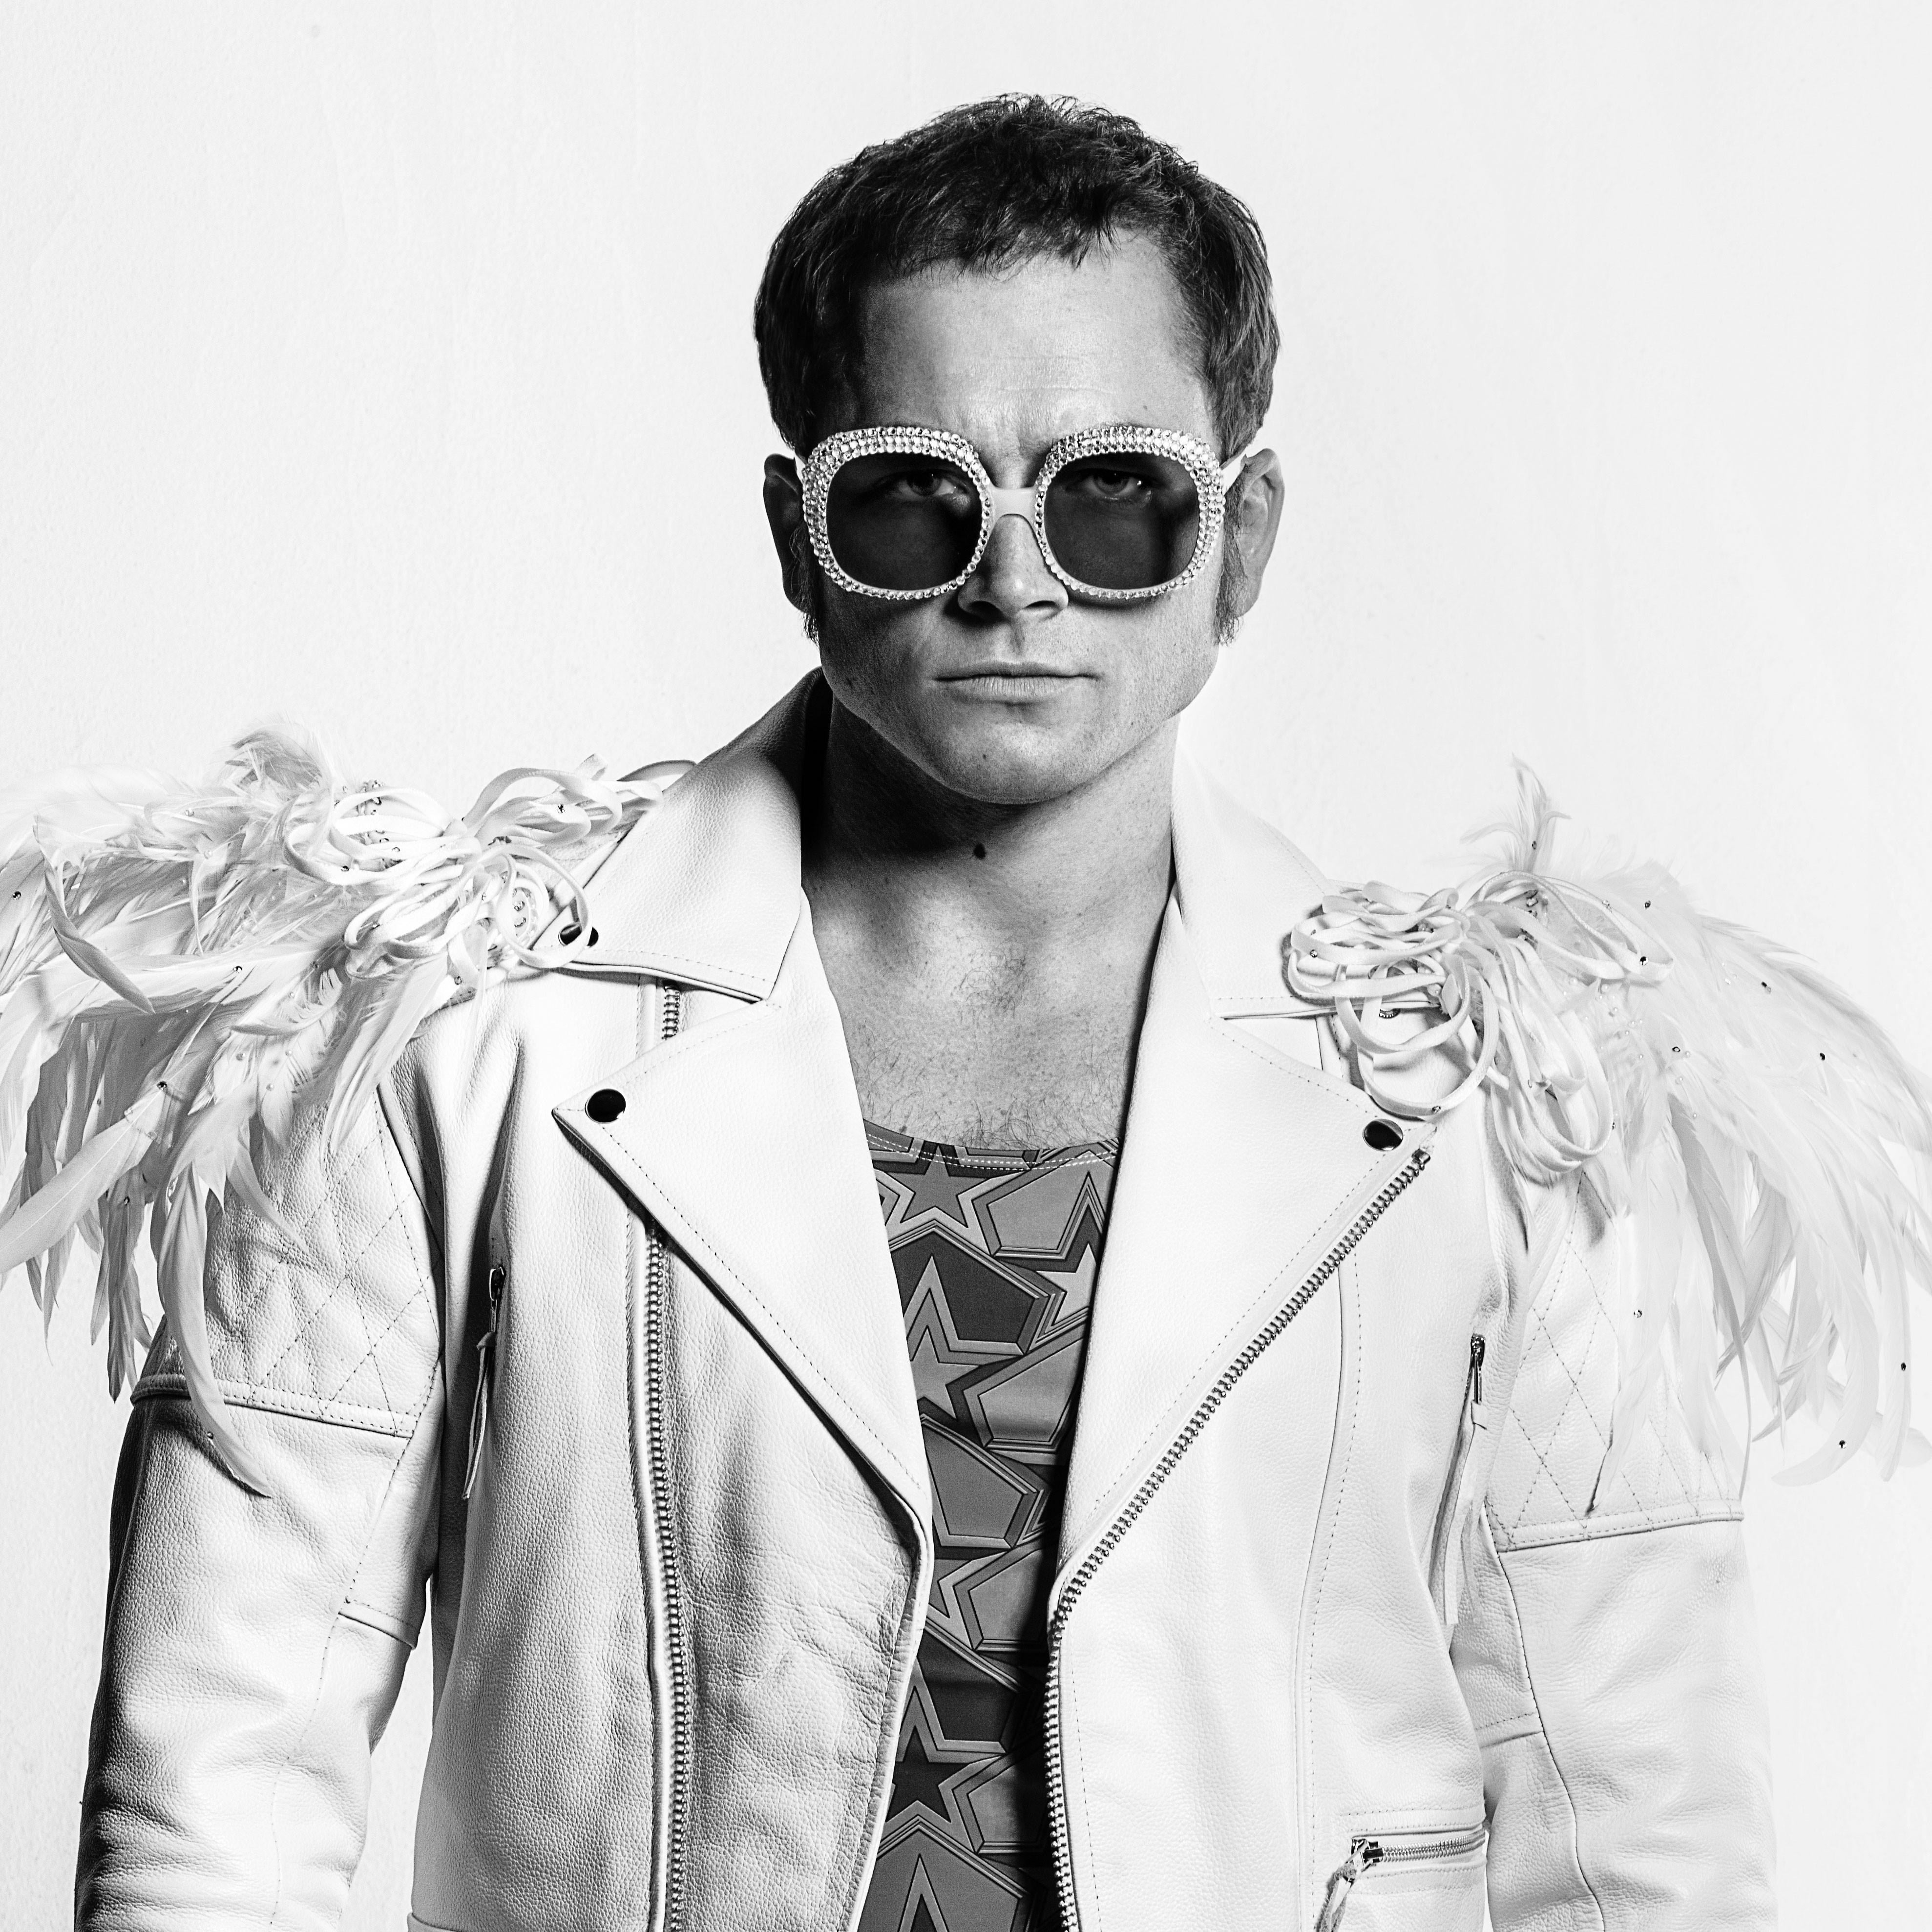 Equipe de 'Rocketman', sobre Elton John, agradece comparações com 'Bohemian Rhapsody' - Noticias